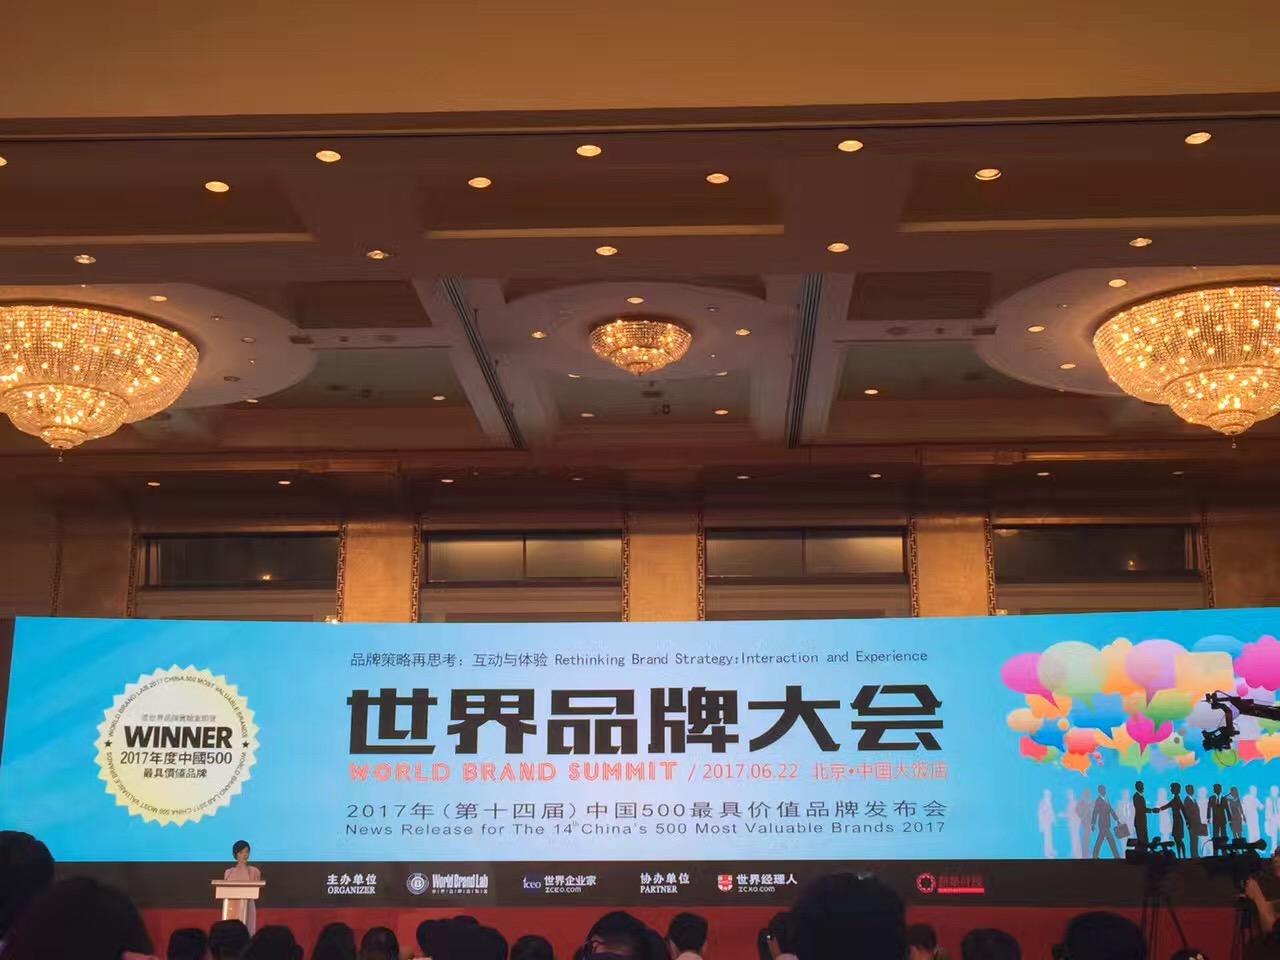 爱丽丝珠宝以90.45亿品牌价值极深中国最具品牌价值500强榜单